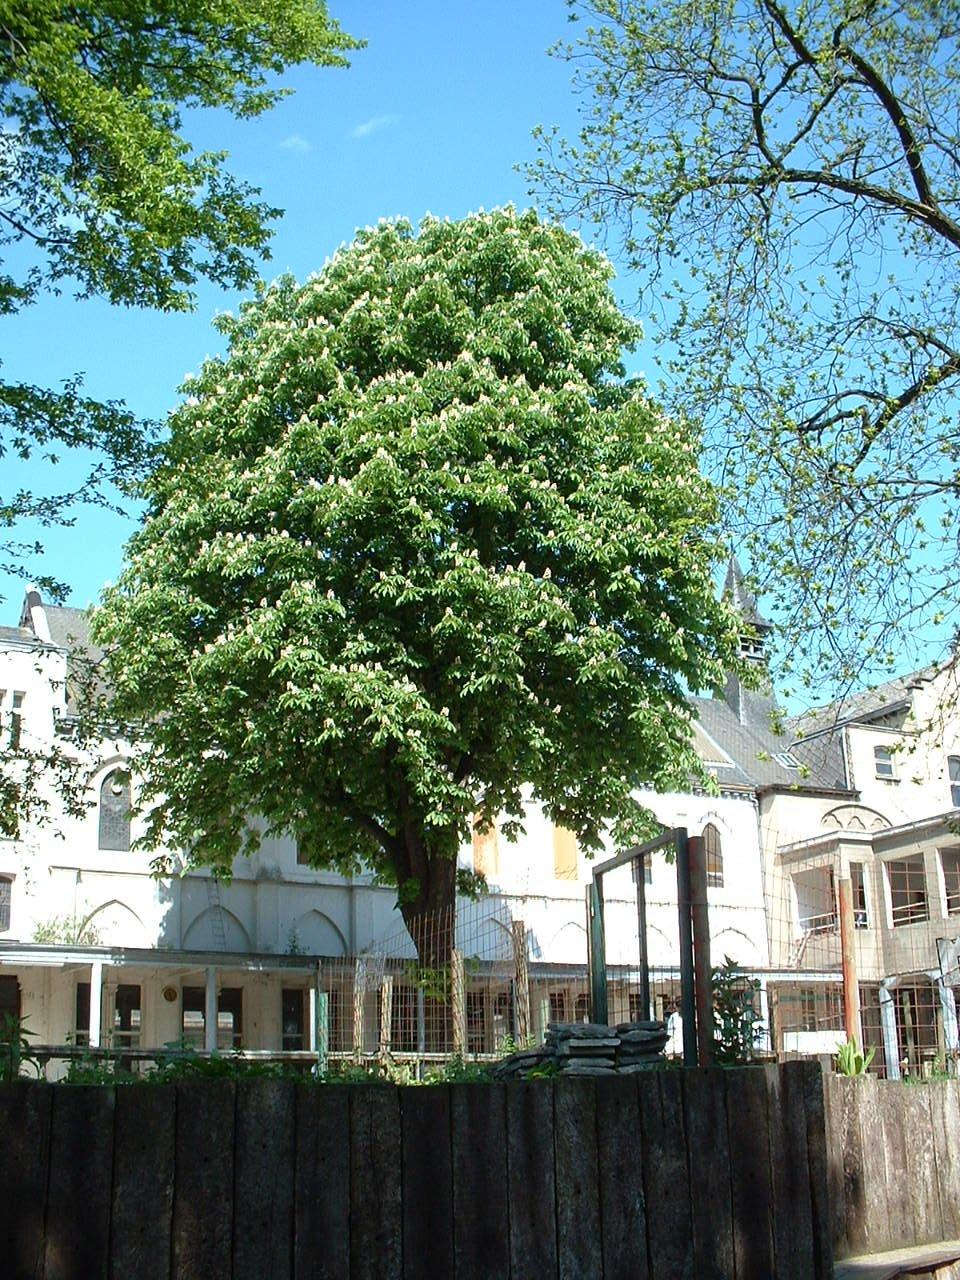 Marronnier commun – Saint-Josse-Ten-Noode, Parc de l'Institut des Dames de Marie à Saint-Josse, Chaussée de Haecht, 70 –  07 Mai 2002